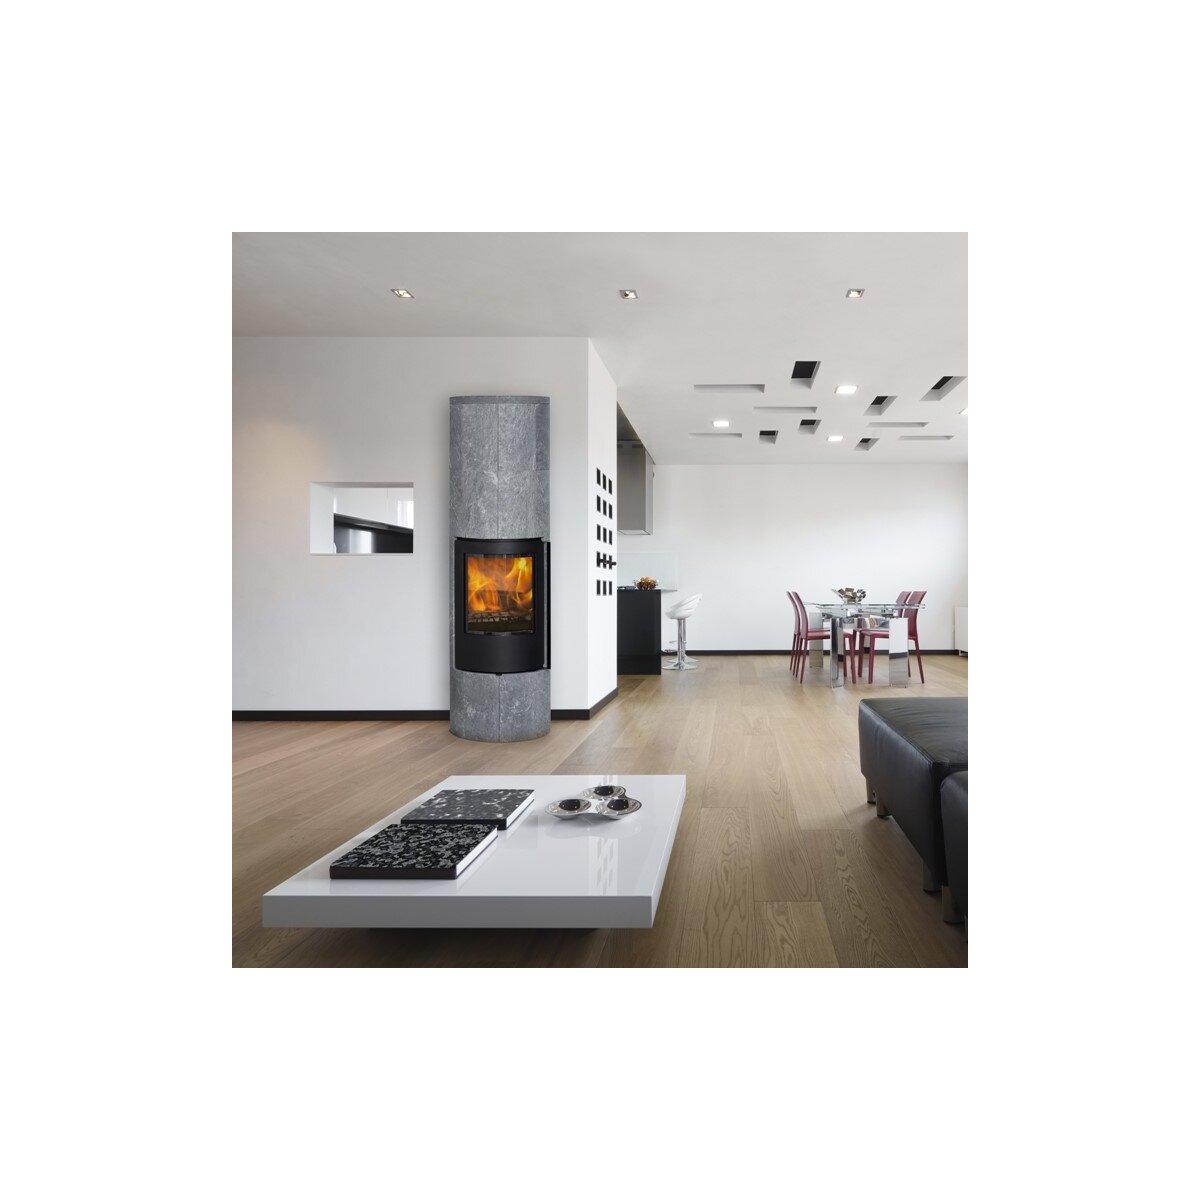 kaminofen jydepejsen troja 45 online kaufen feuer fuchs von jydepejsen a s mit. Black Bedroom Furniture Sets. Home Design Ideas